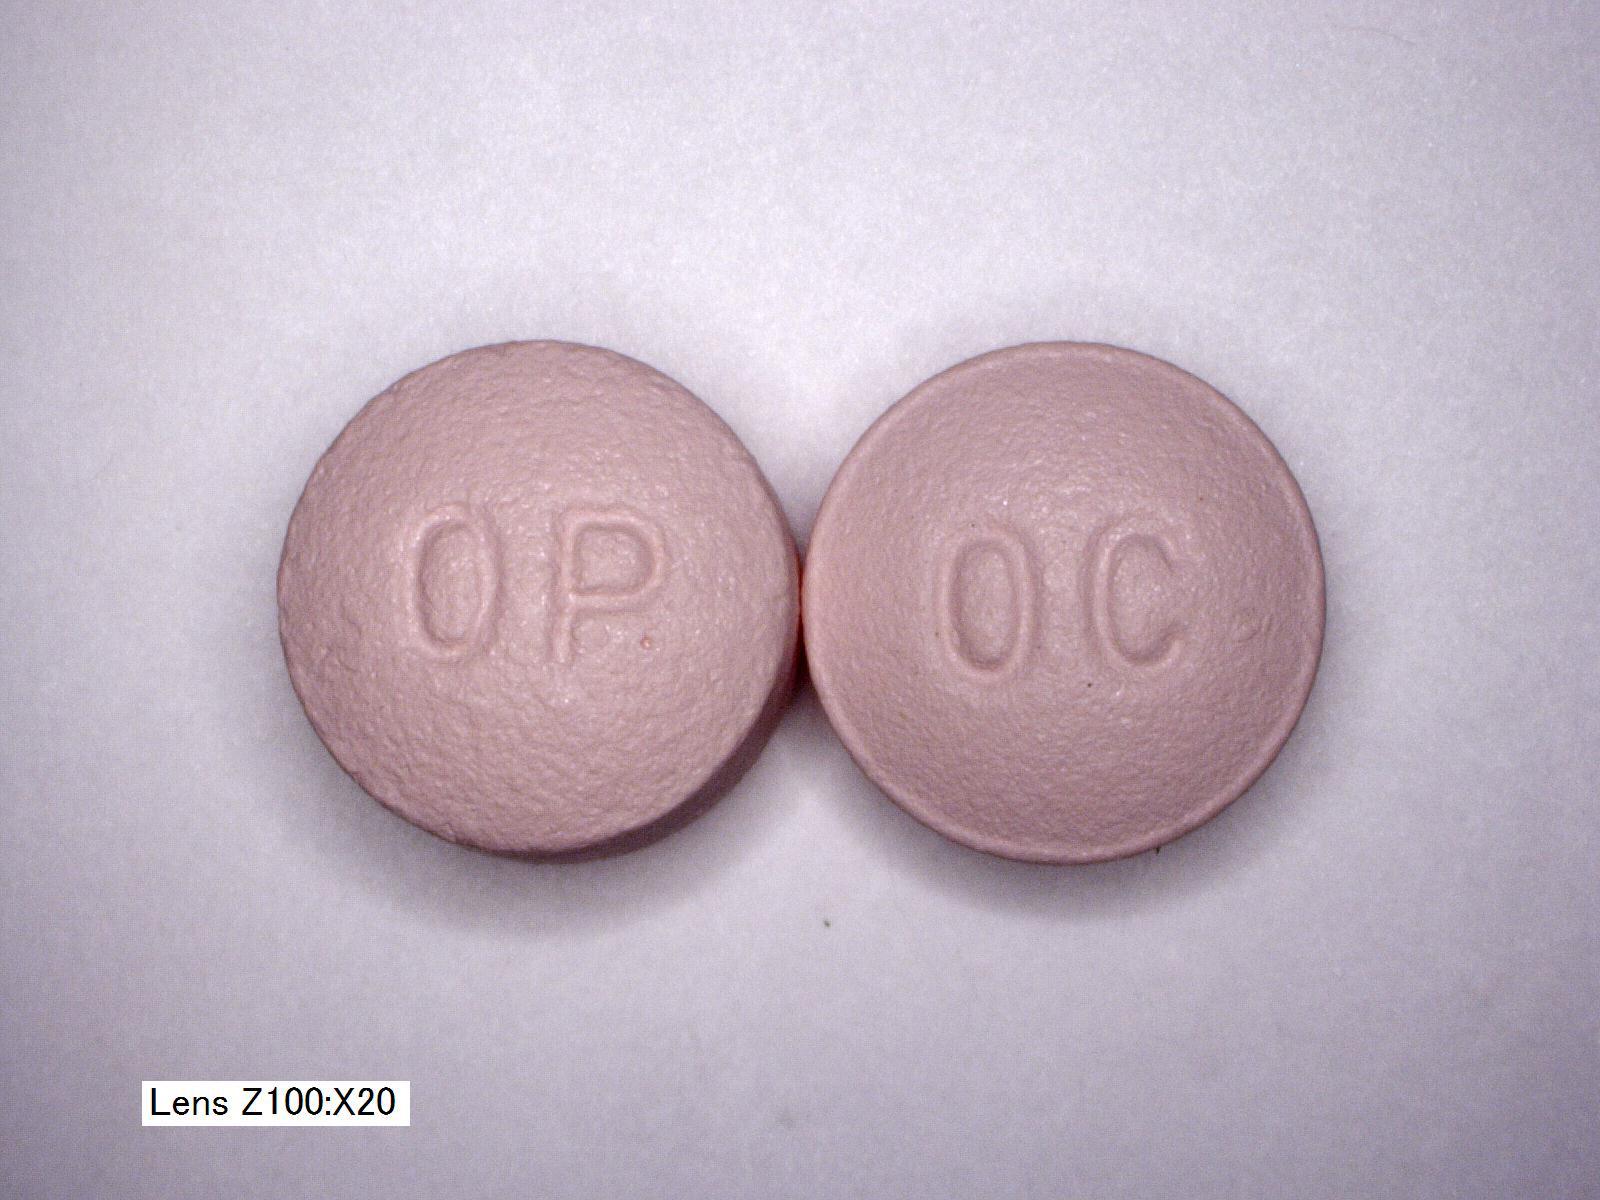 cost of oxycodone vs oxycontin